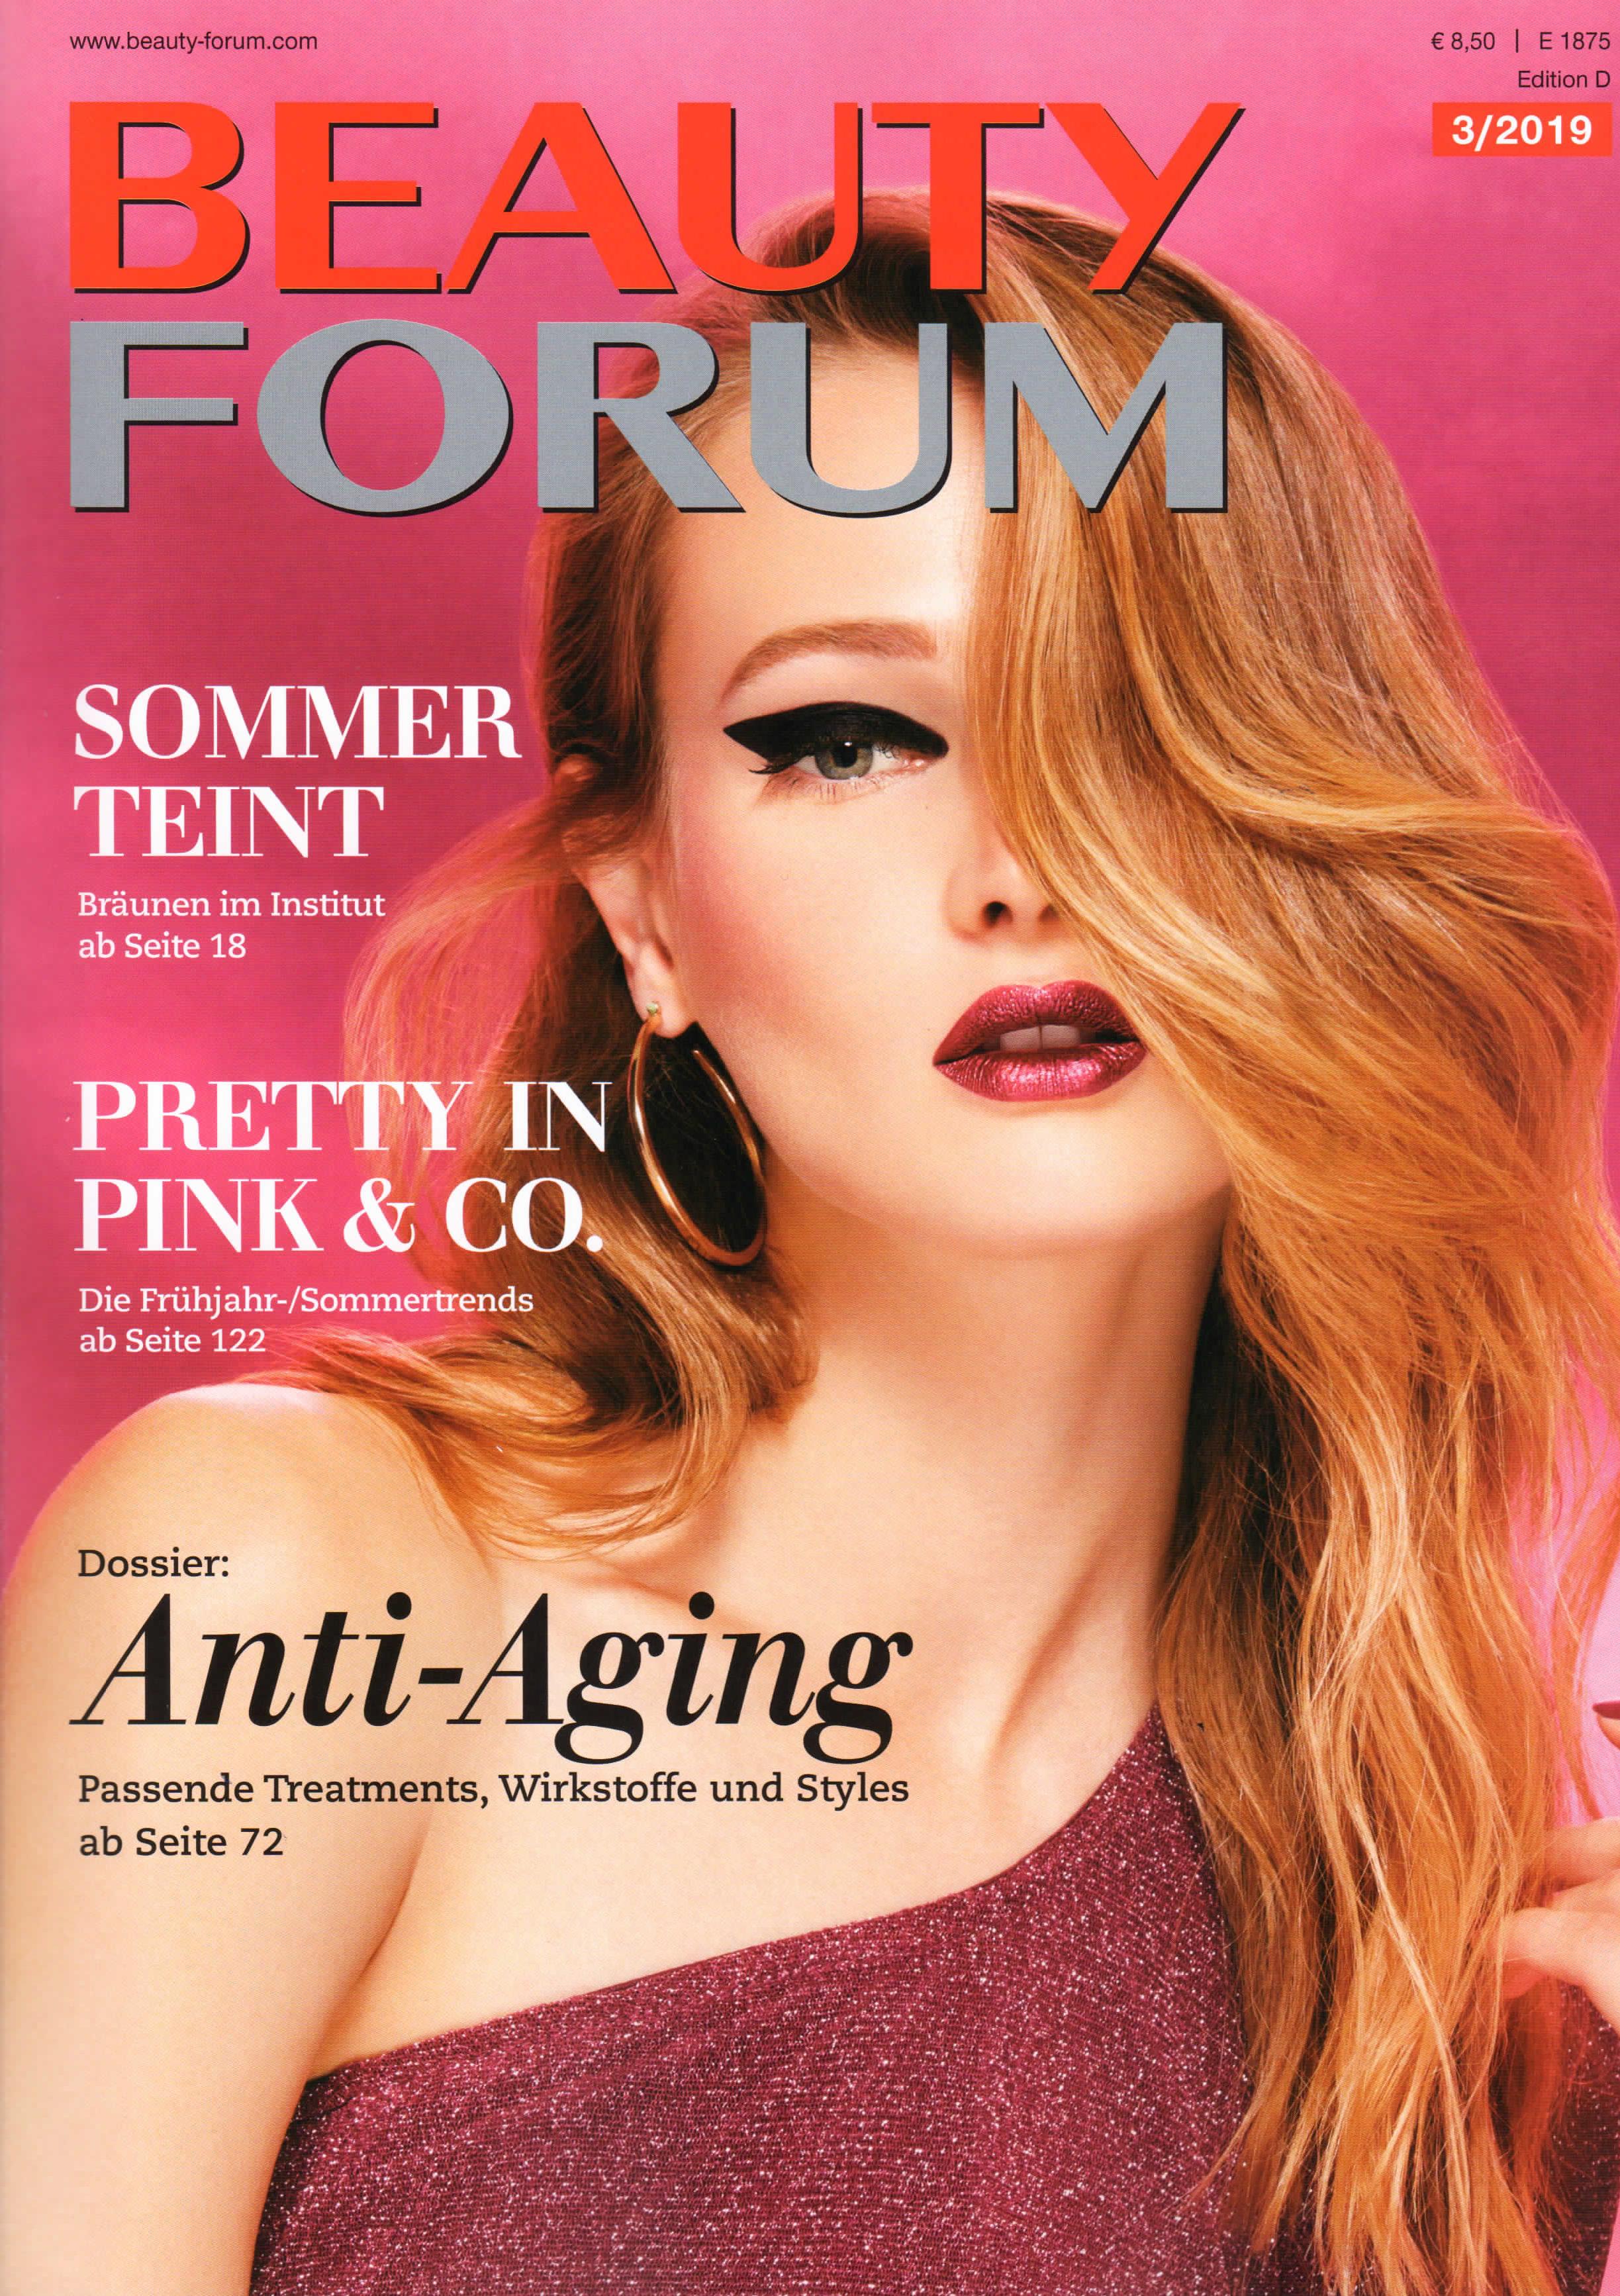 Beauty & Care – Geräte, Beauty Forum im März 2019